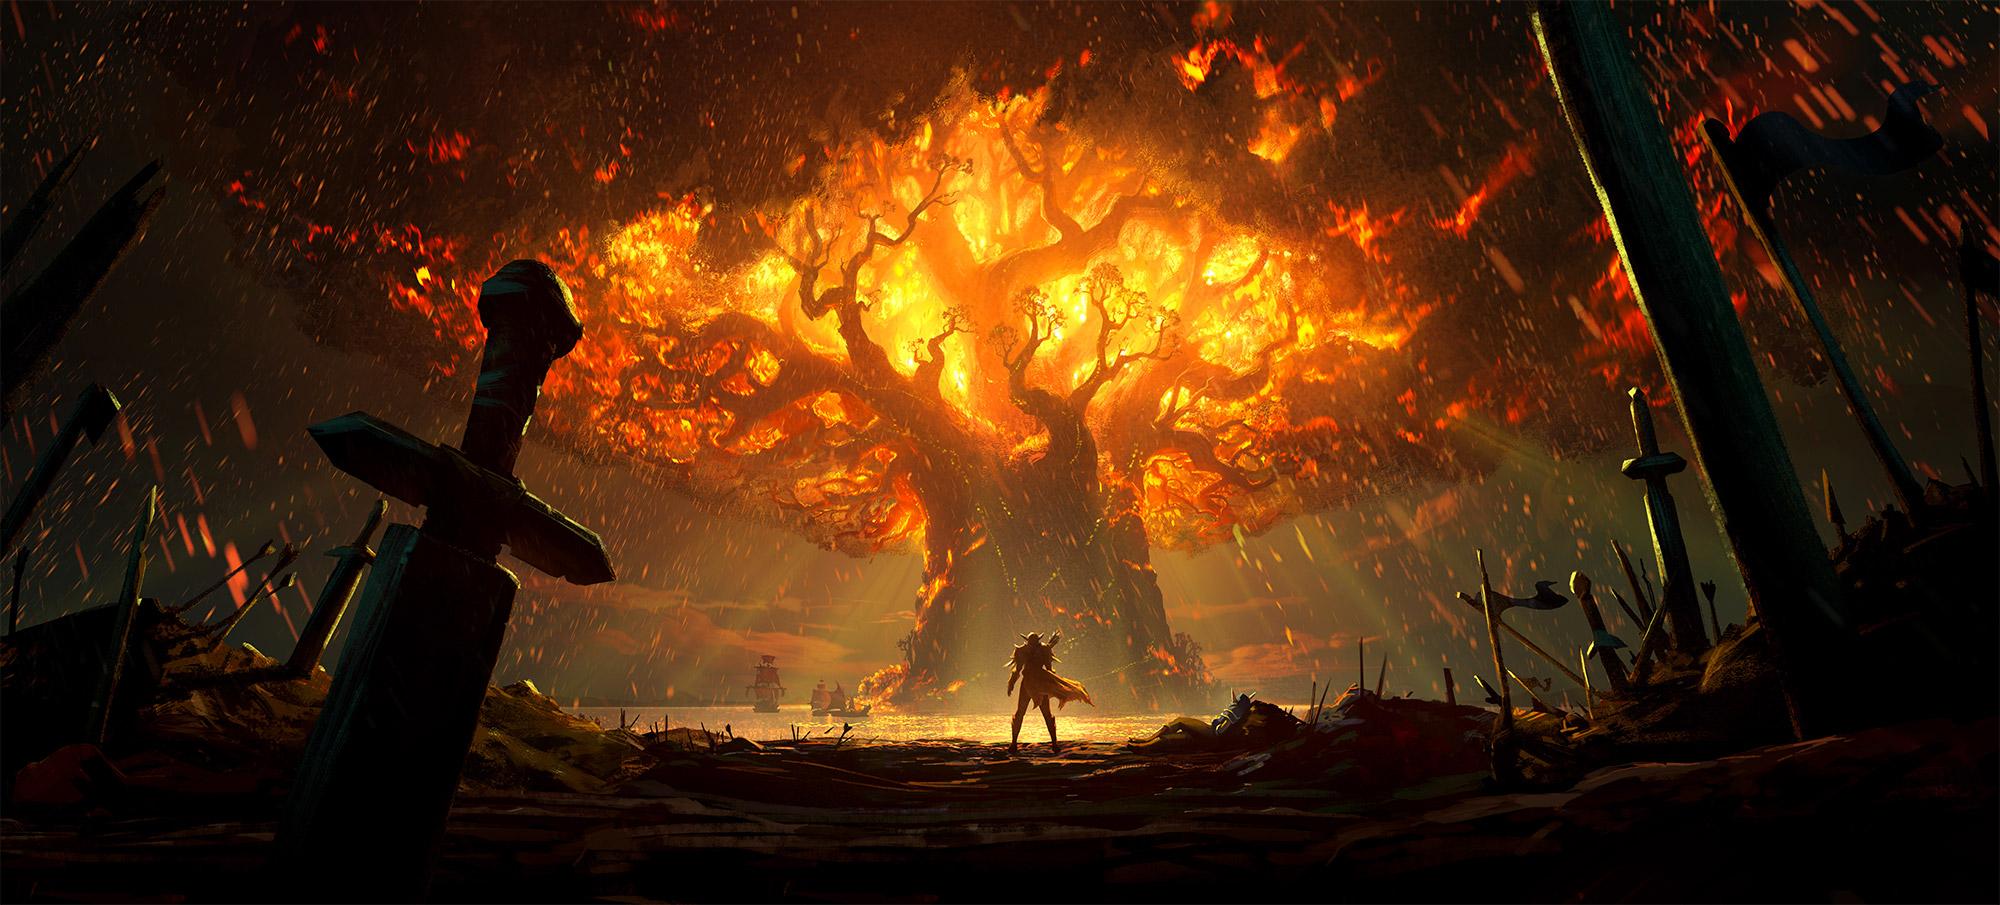 L'incendie de Teldrassil a uni l'Alliance comme jamais auparavant